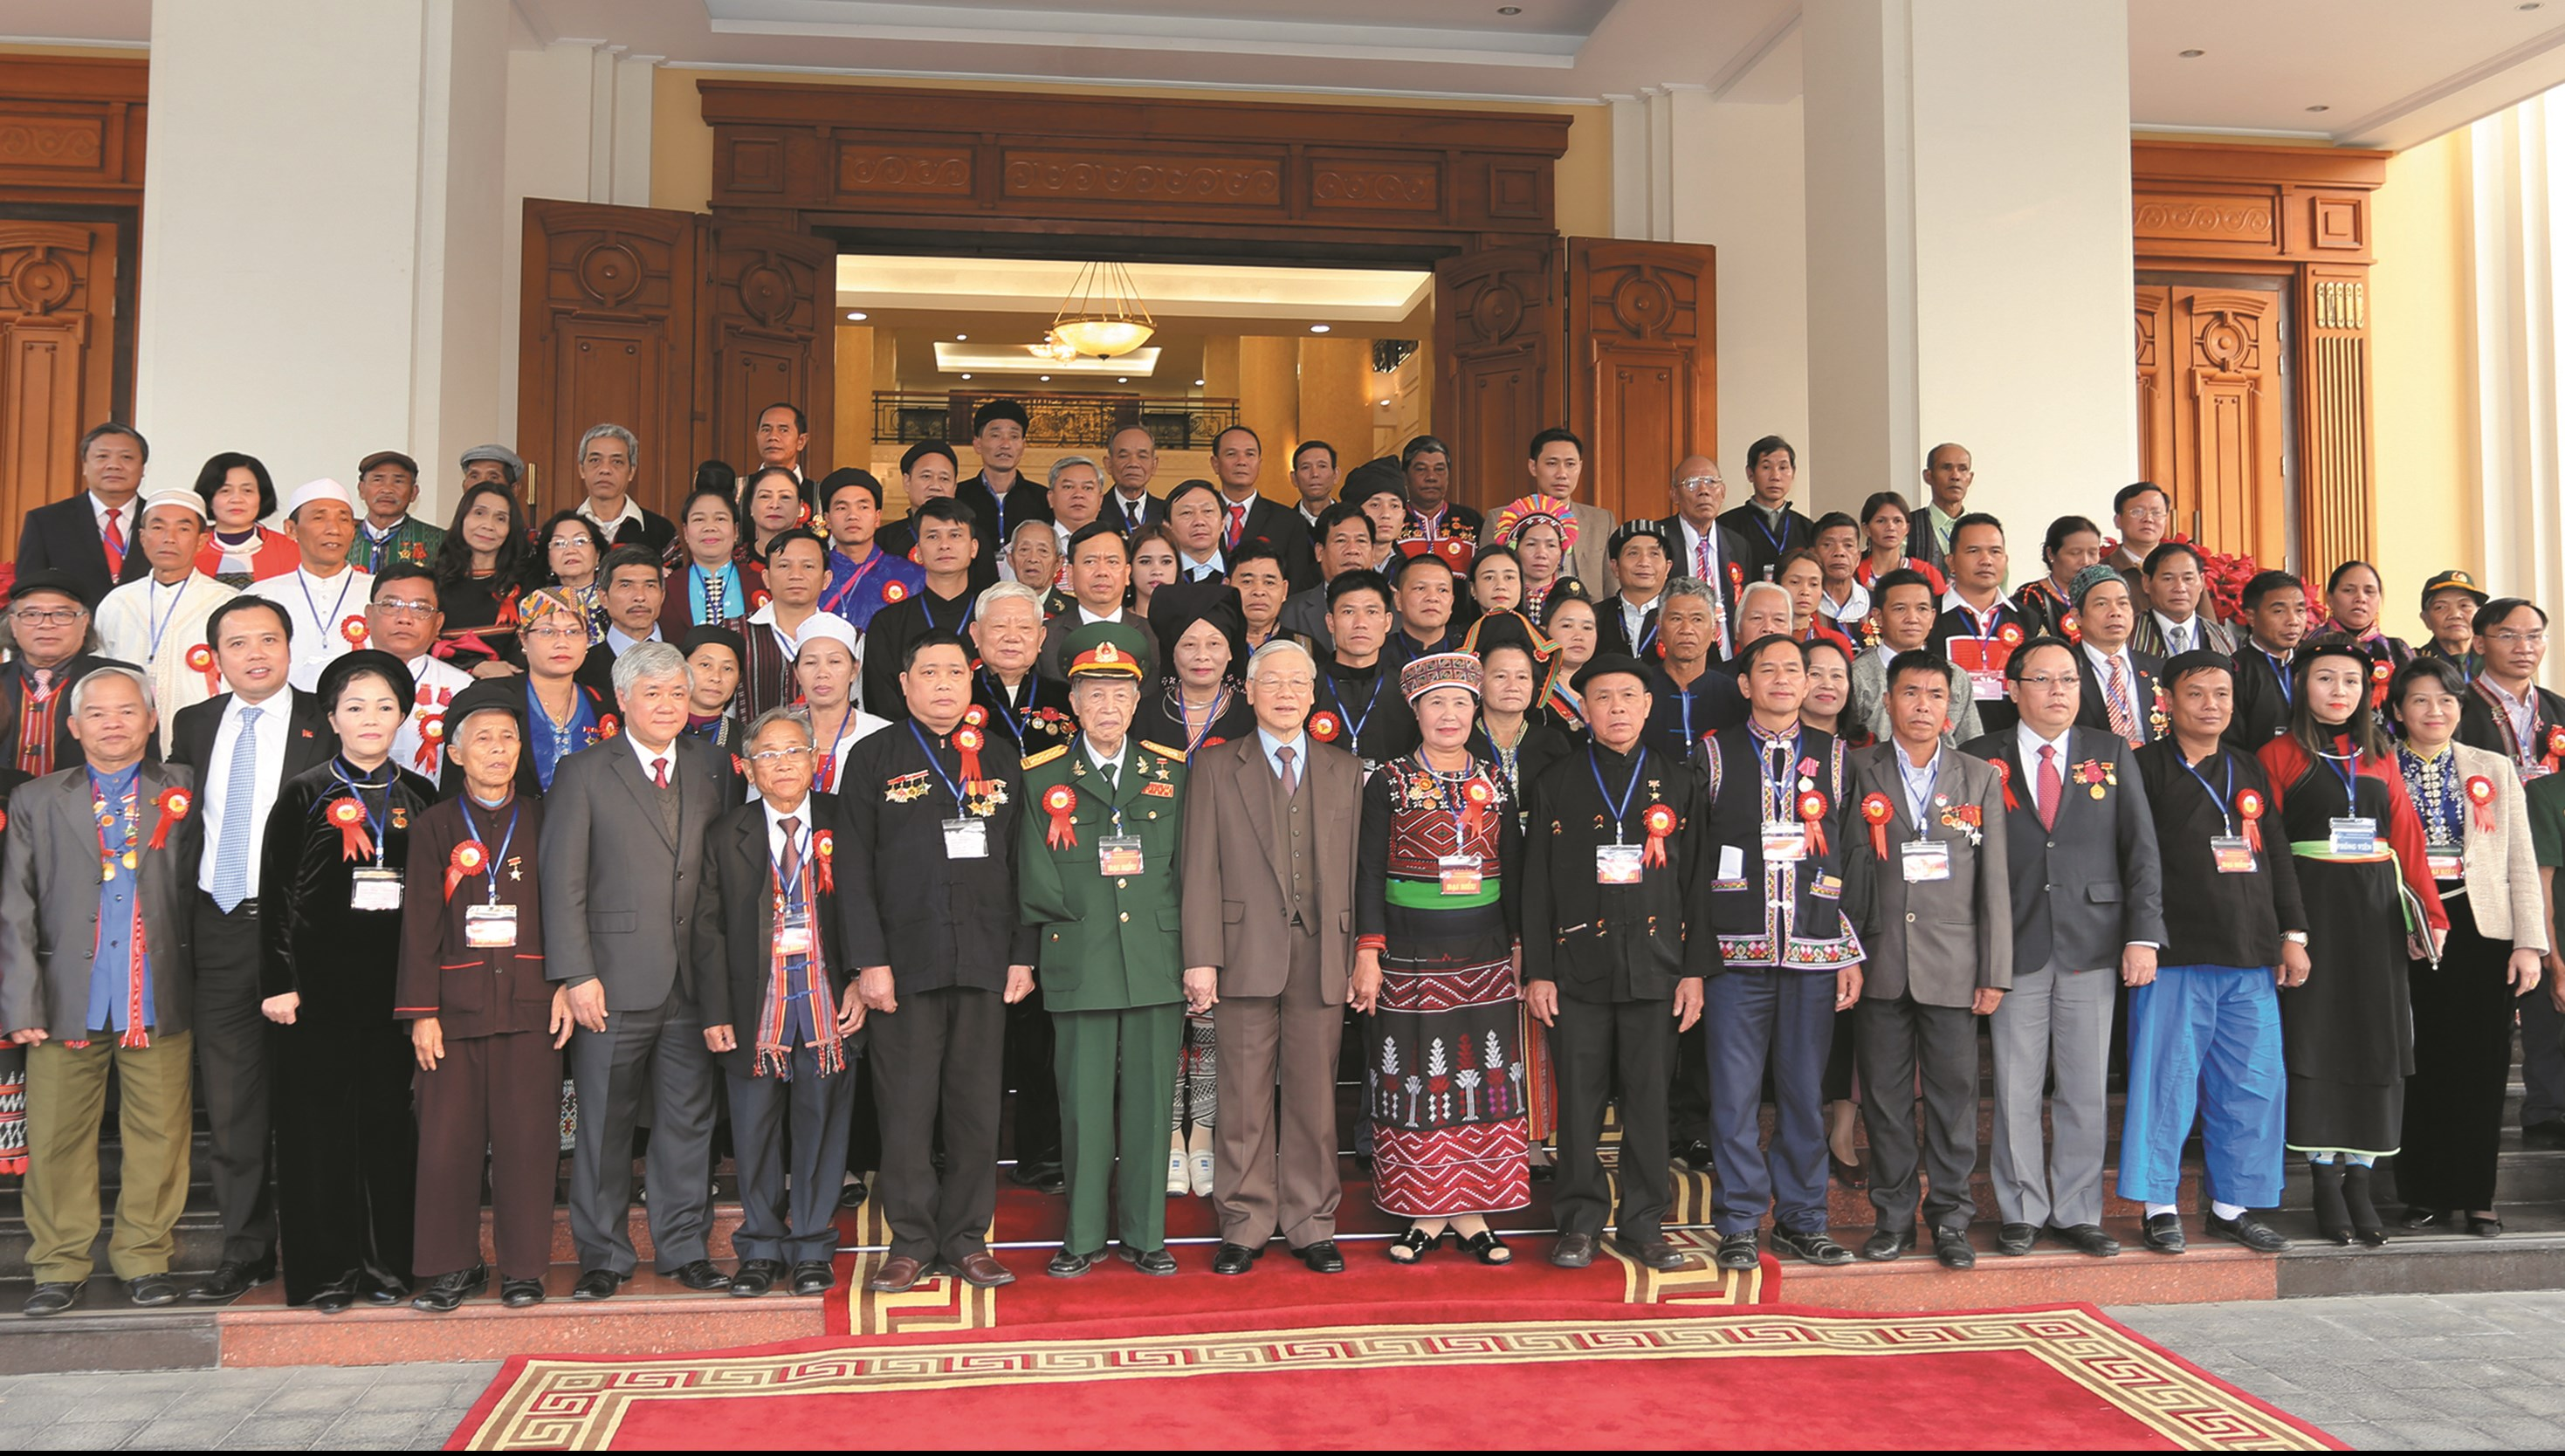 Tổng Bí thư Nguyễn Phú Trọng chụp ảnh lưu niệm với các đại biểu về dự Lễ Tuyên dương Người có uy tín, nhân sĩ trí thức và doanh nhân tiêu biểu DTTS toàn quốc lần thứ Nhất năm 2017.